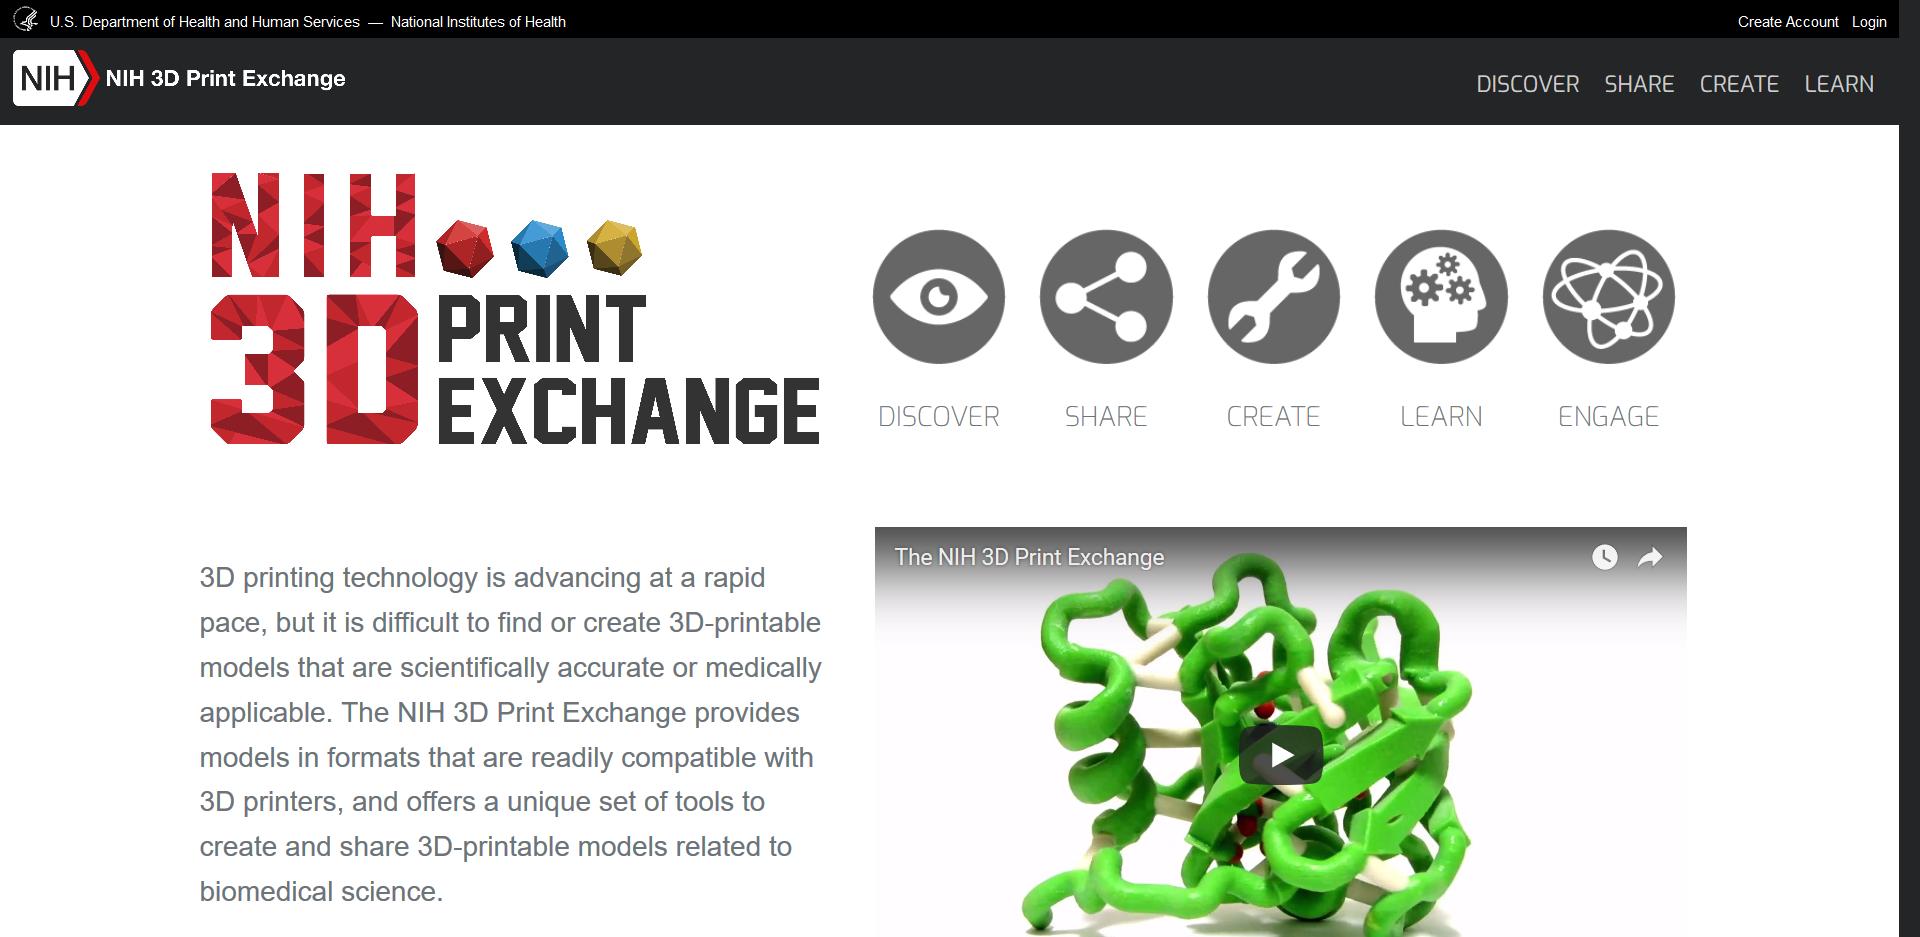 Startseite der NIH 3D Print Exchange 3D Drucker Vorlagen Seite